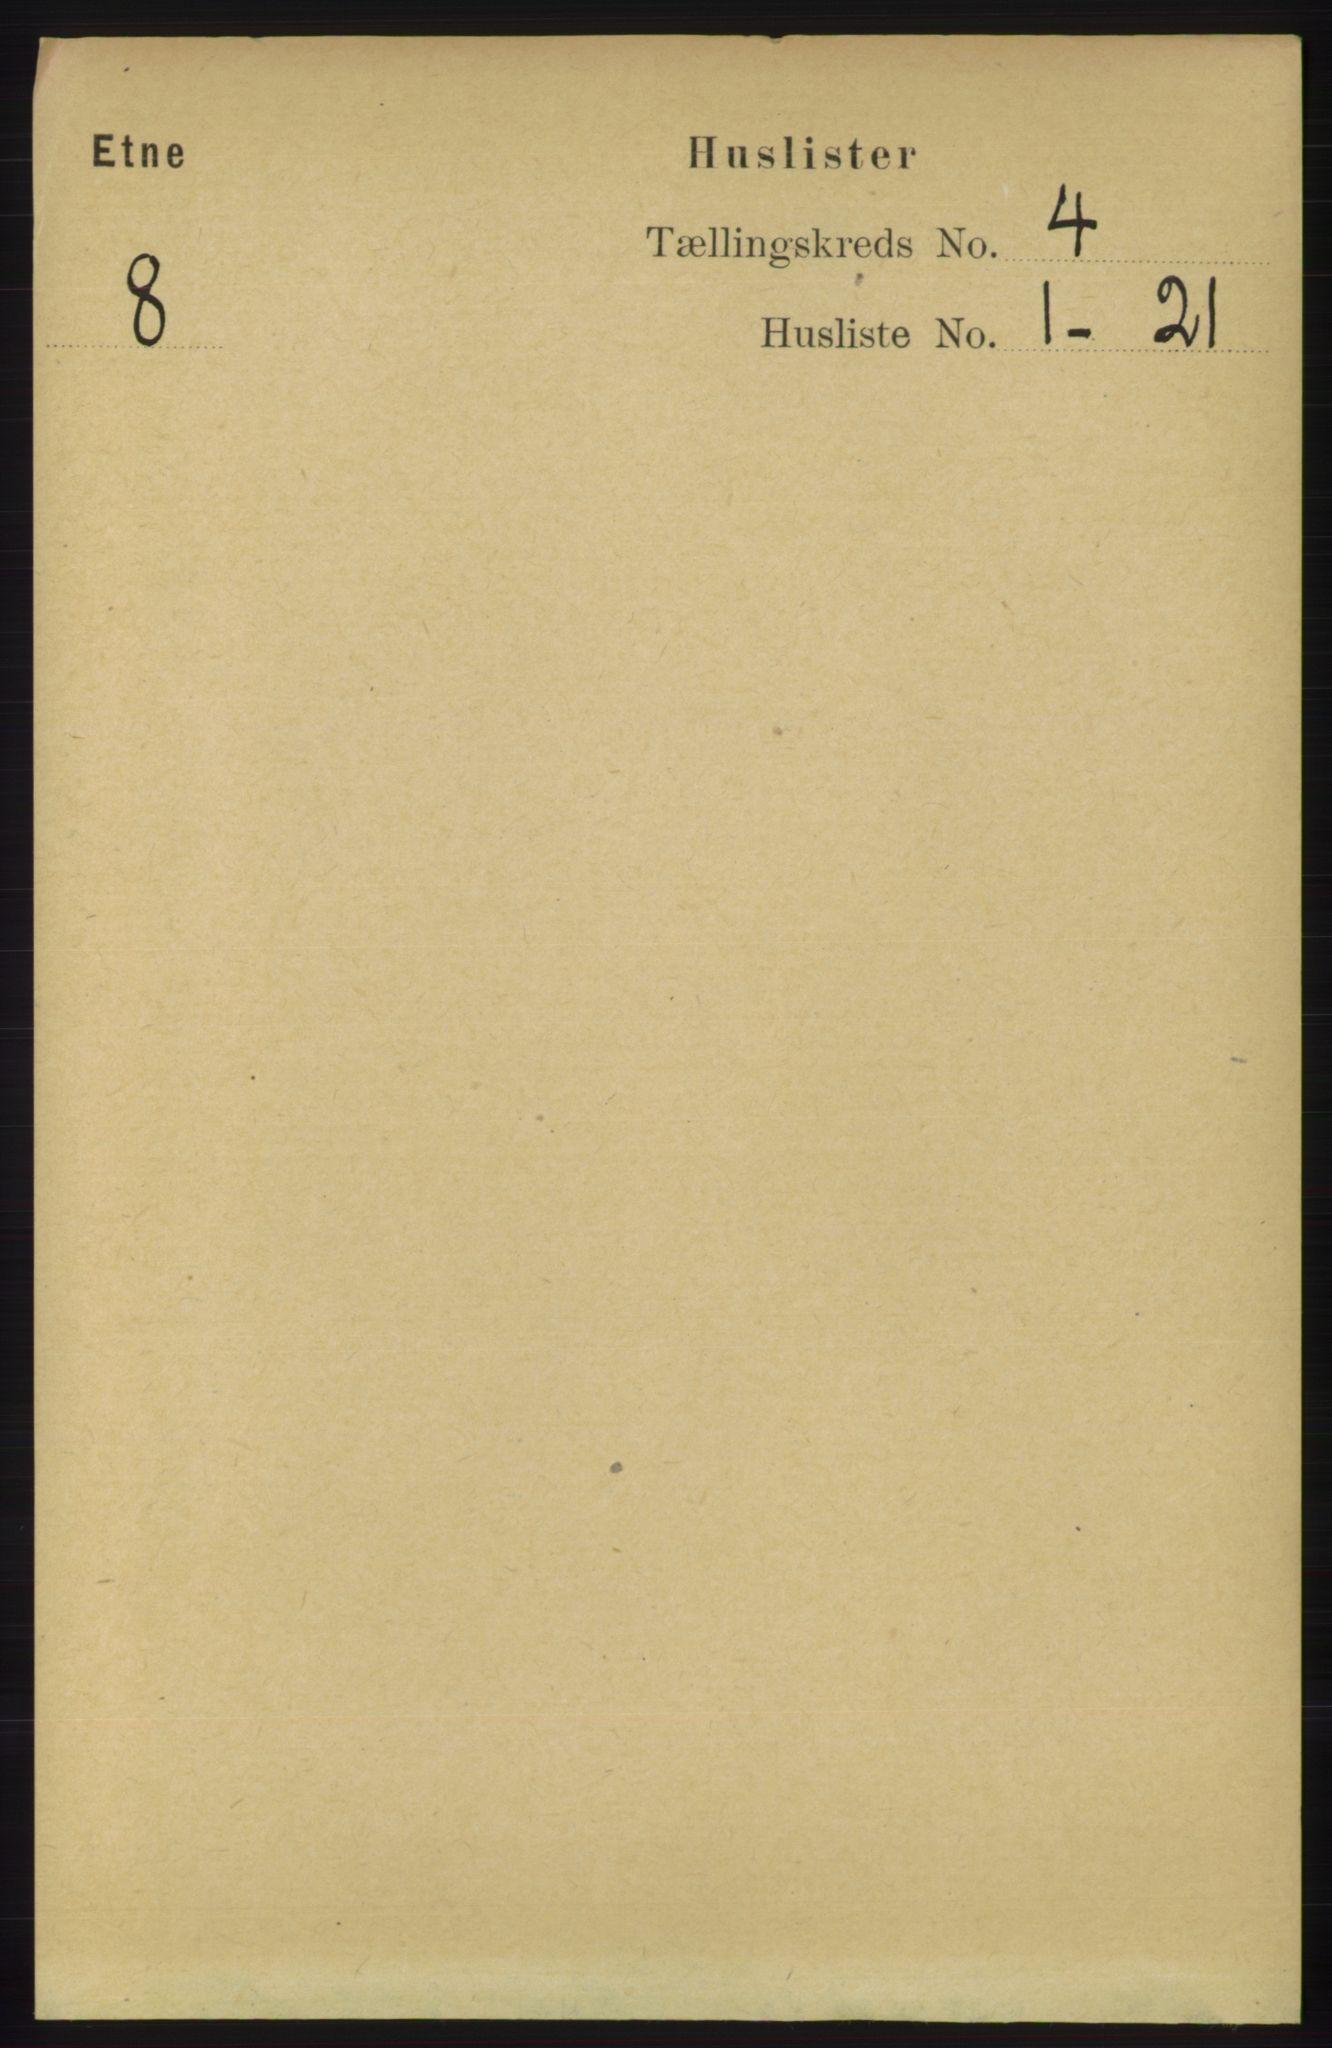 RA, Folketelling 1891 for 1211 Etne herred, 1891, s. 828